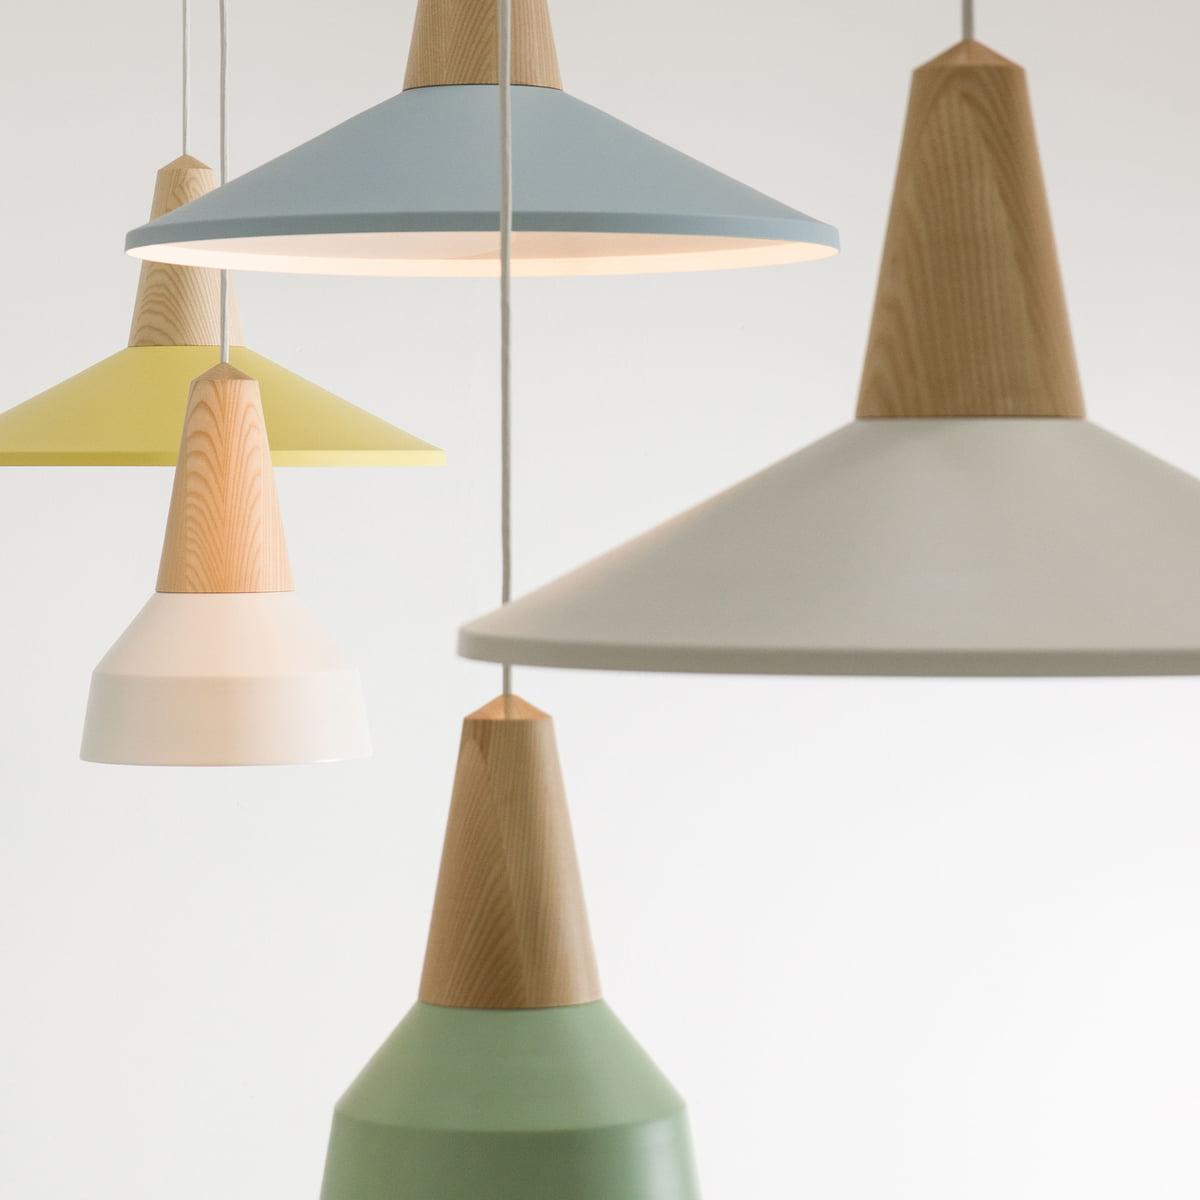 Commercial Light Fittings Nz: Eikon Pendelleuchte Von Schneid Im Shop